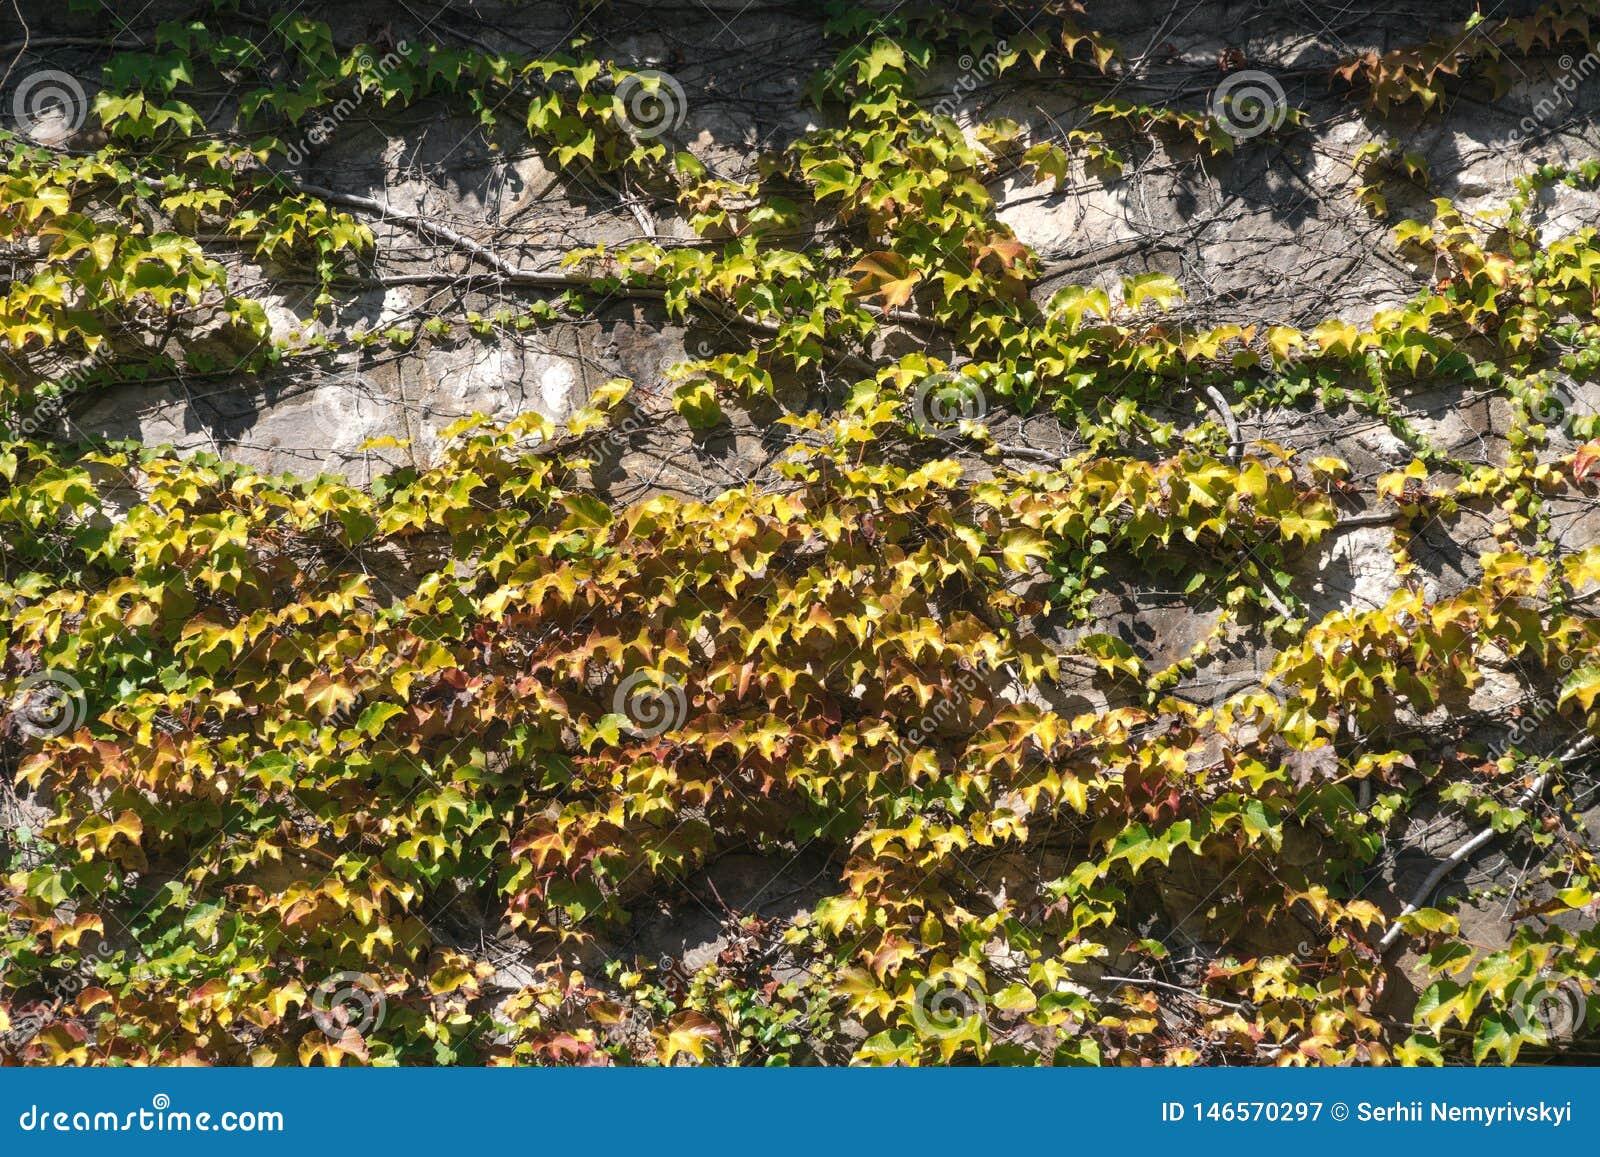 Textura das folhas da hera em uma parede de pedra, conceito de cidades velhas, casas, construções, vegetação no concreto, lugar p